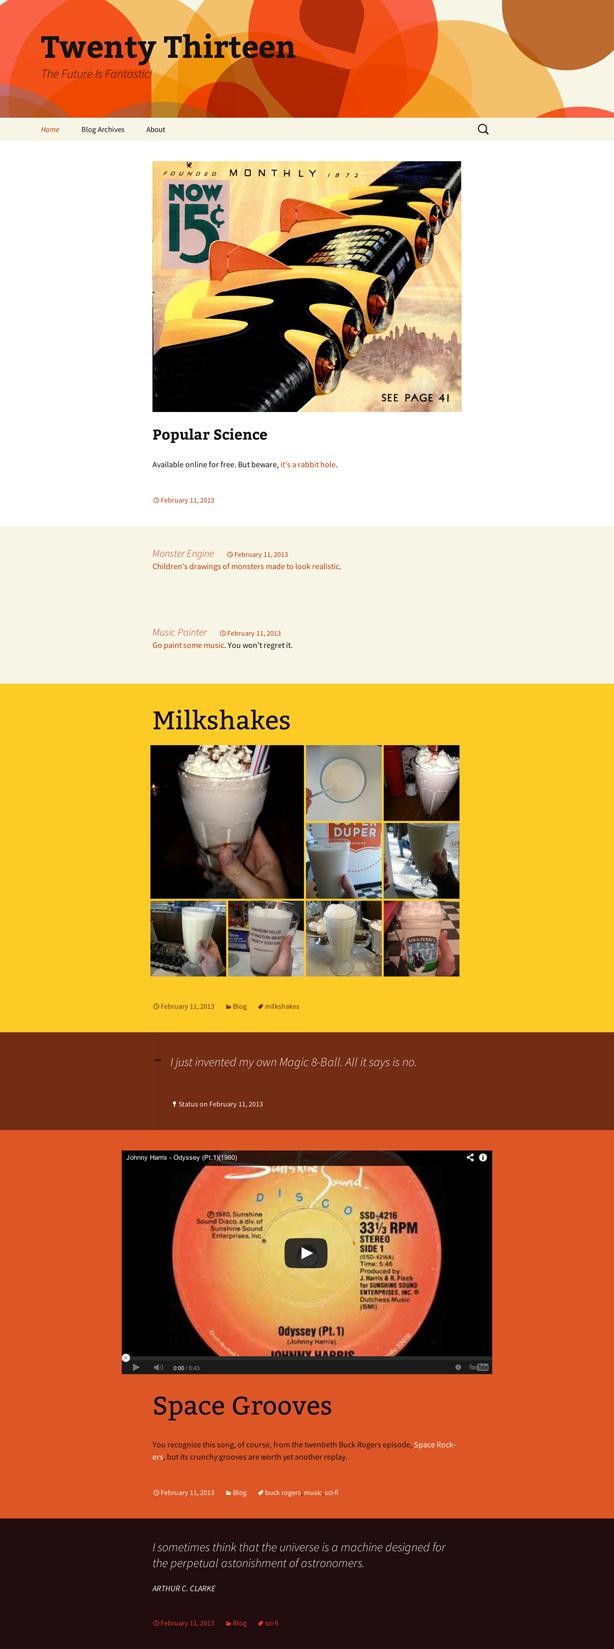 Ejemplo de visualización de colores en formato postal.